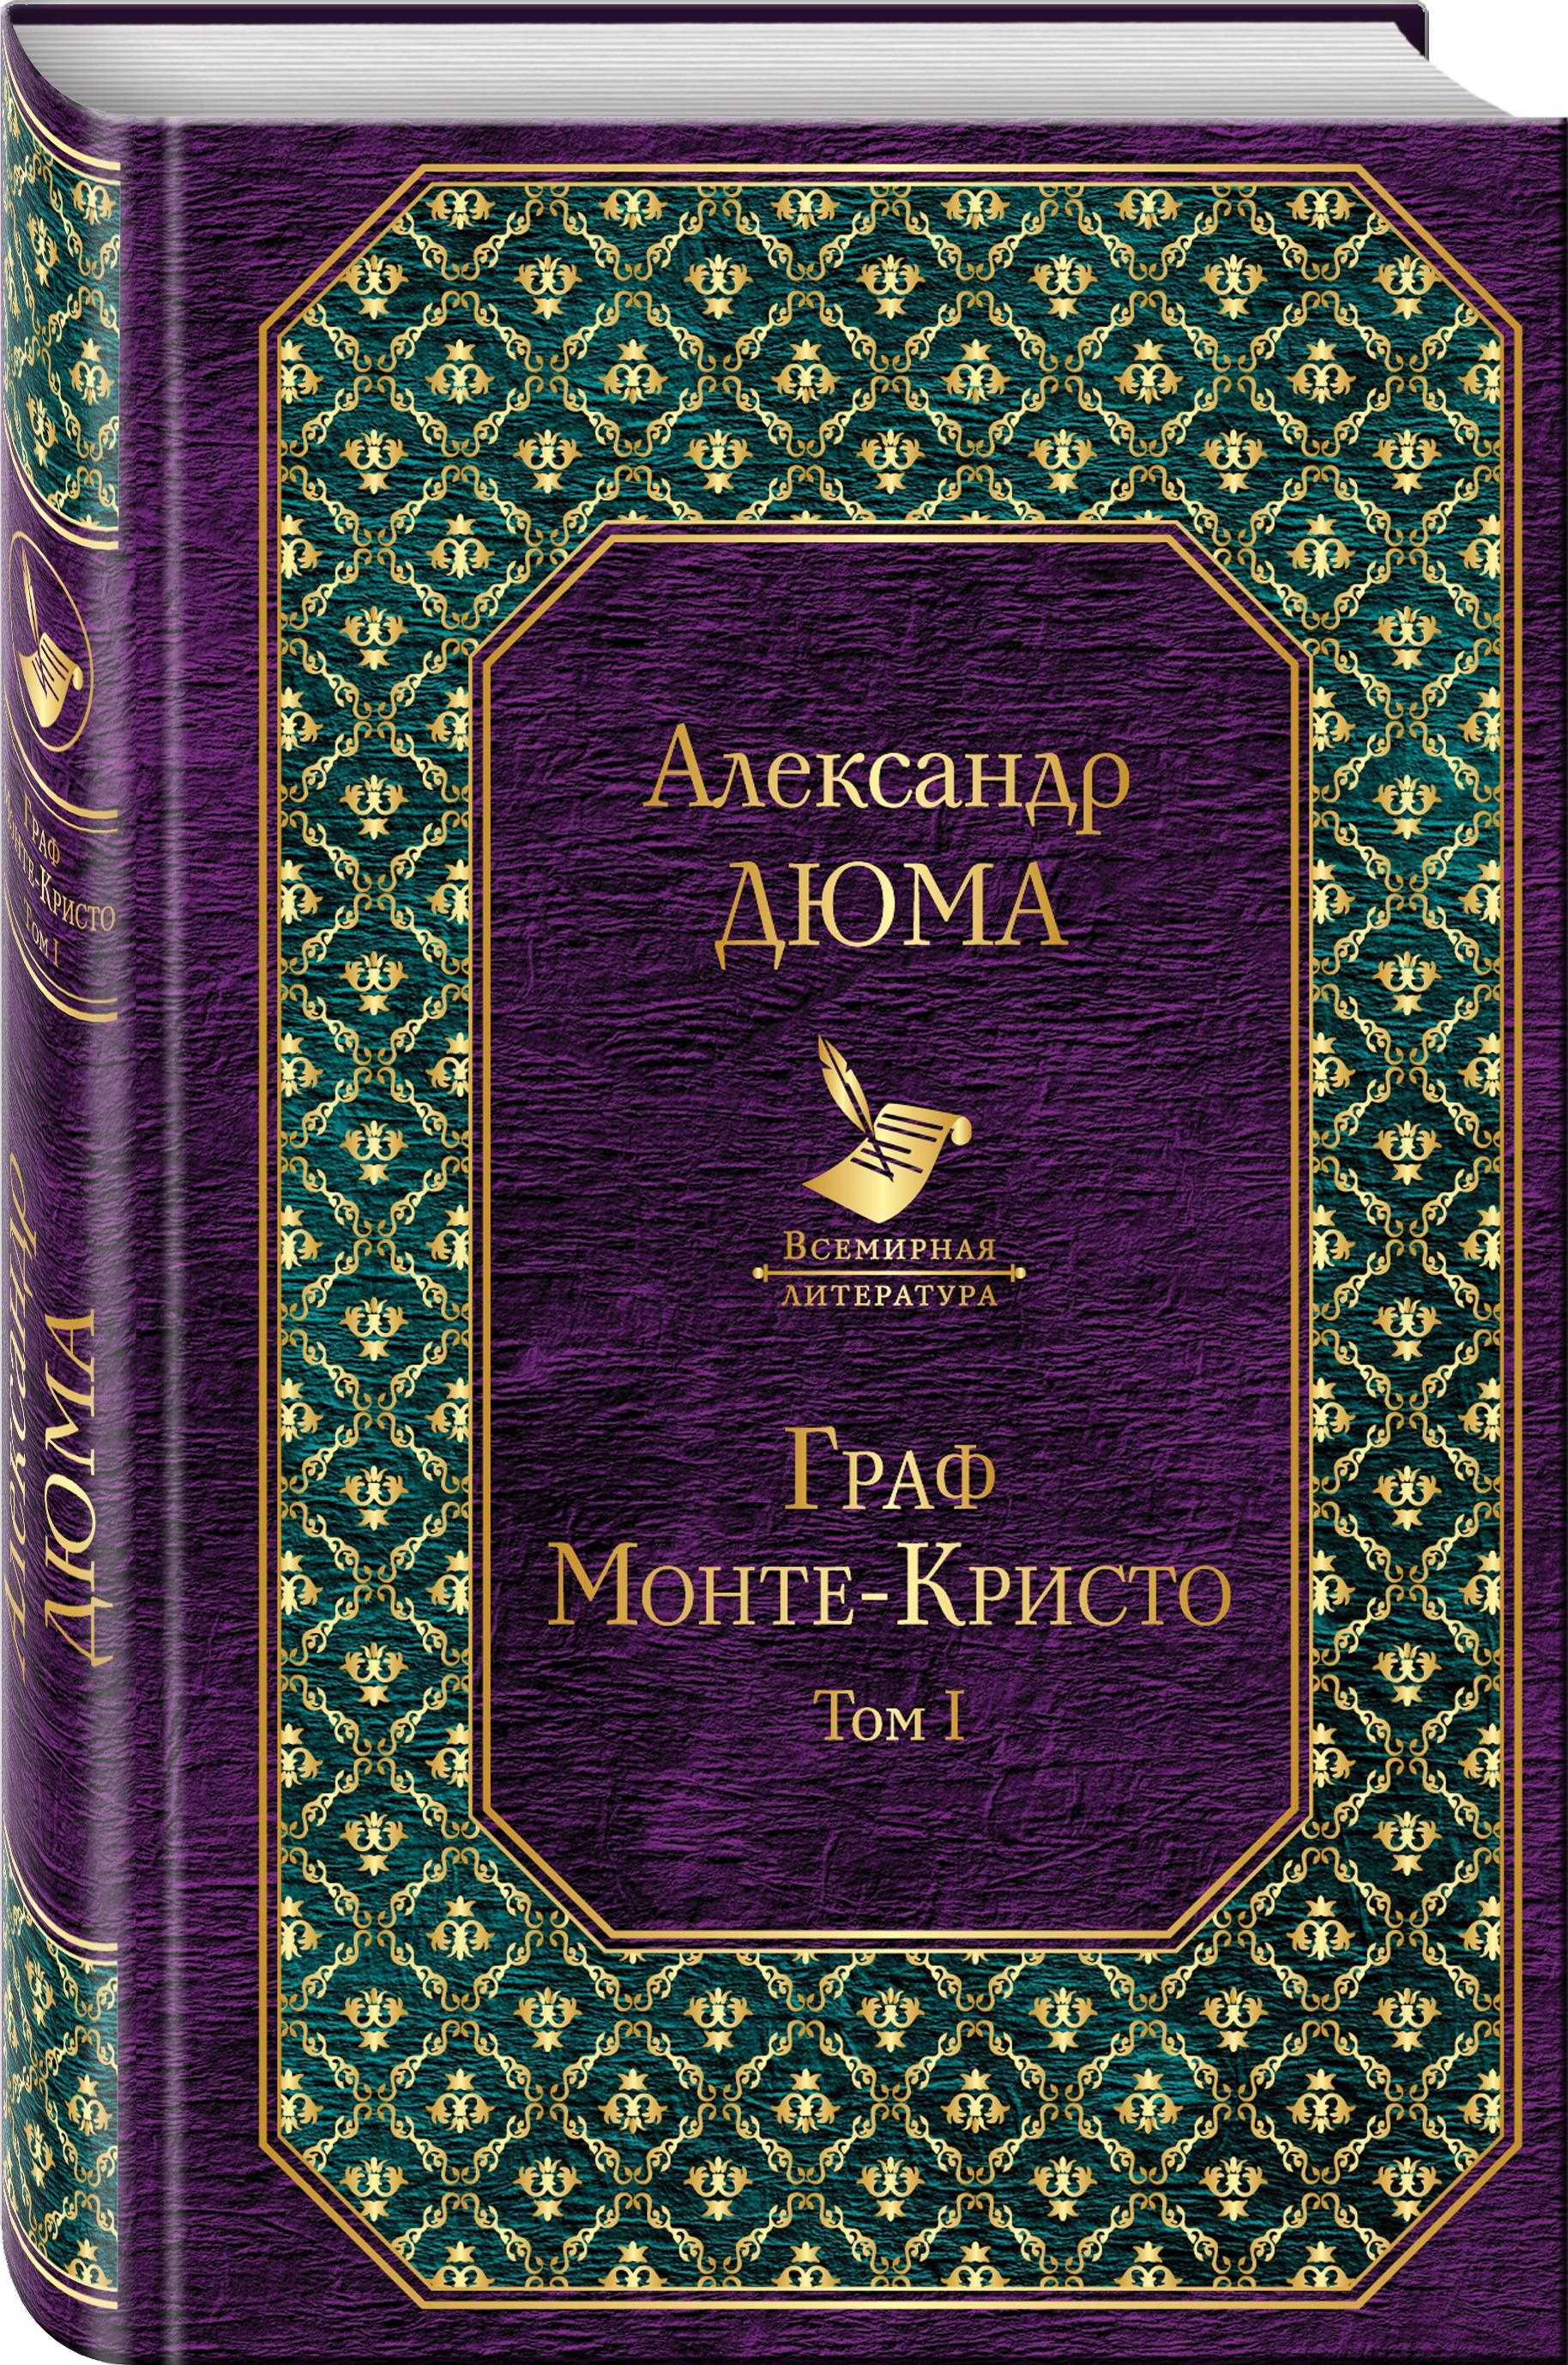 Дюма А. Граф Монте-Кристо. Т. 1 дюма александр отец граф монте кристо том 2